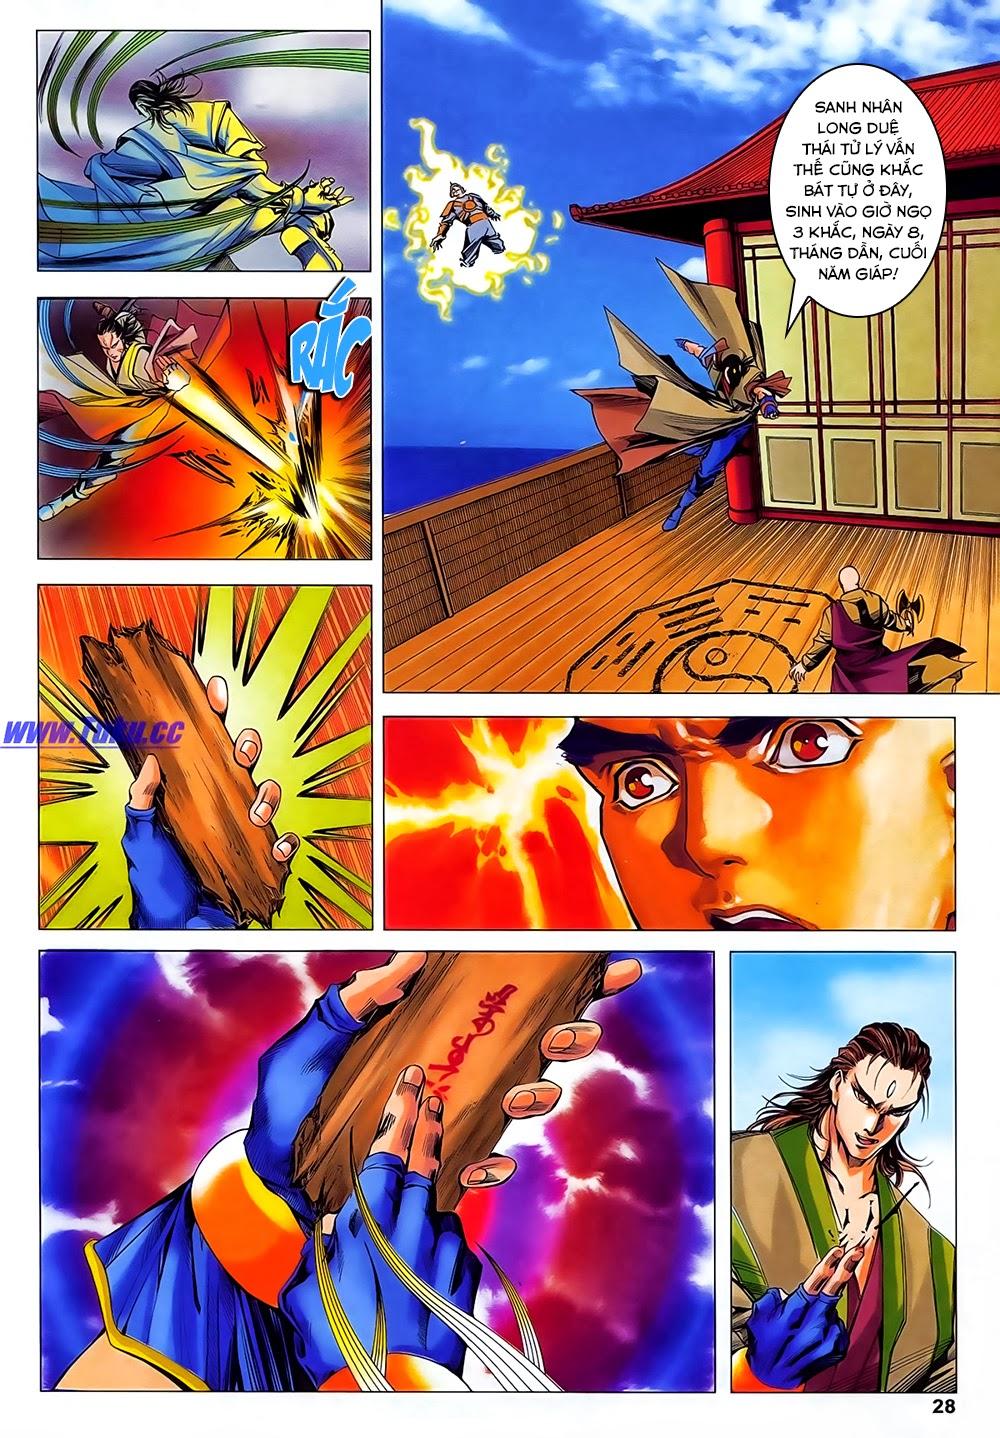 Lục Đạo Thiên Thư chap 31 - Trang 28